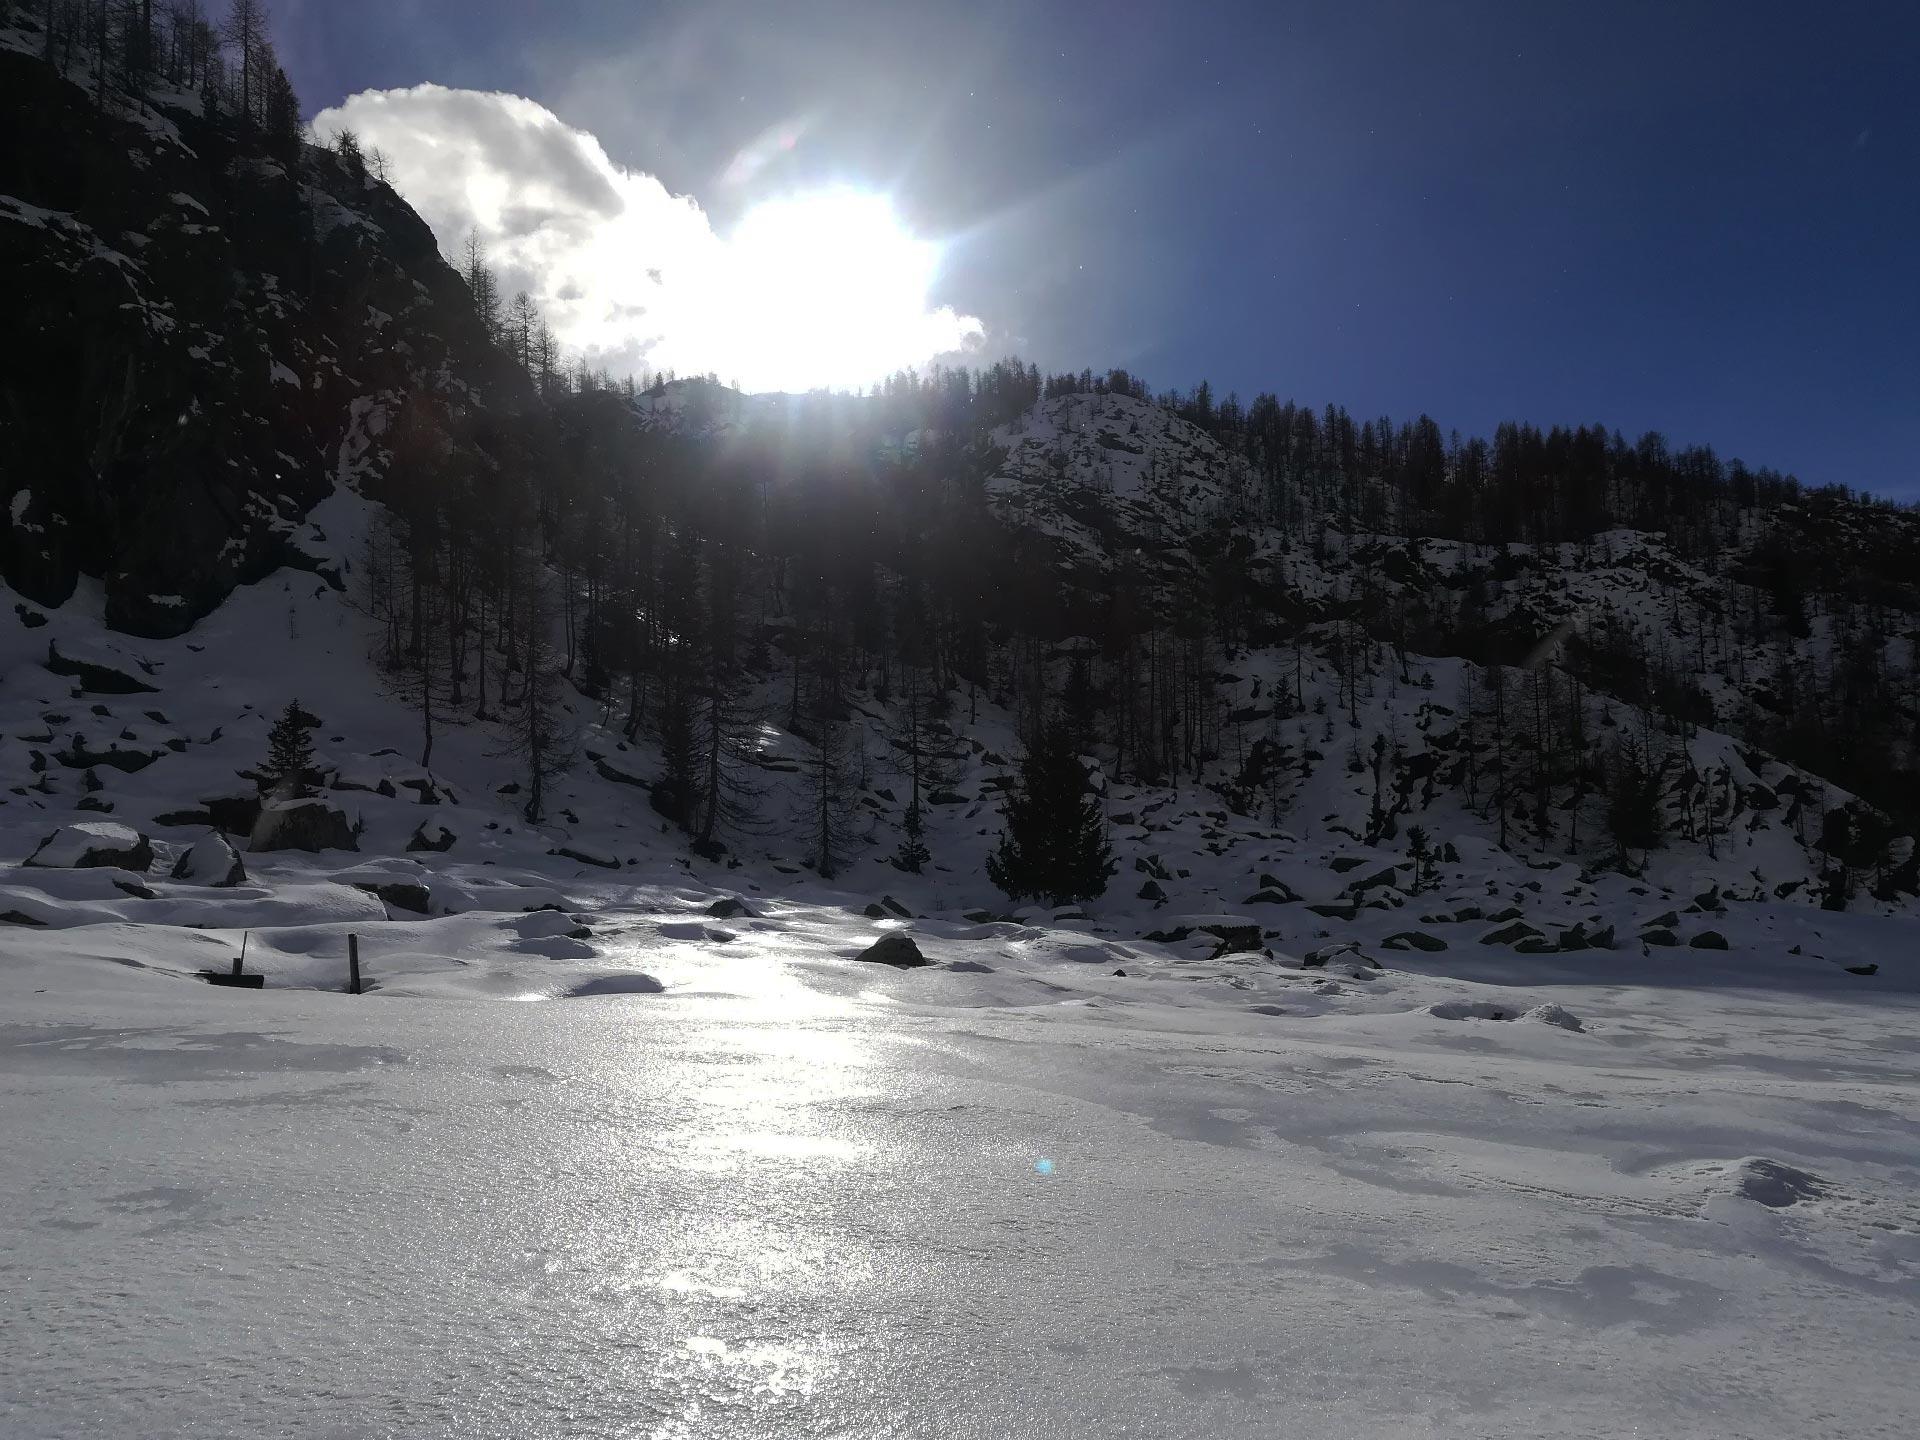 paesaggio innevato salendpo verso il Rifugio Cristina, Valmalenco, Lombardia